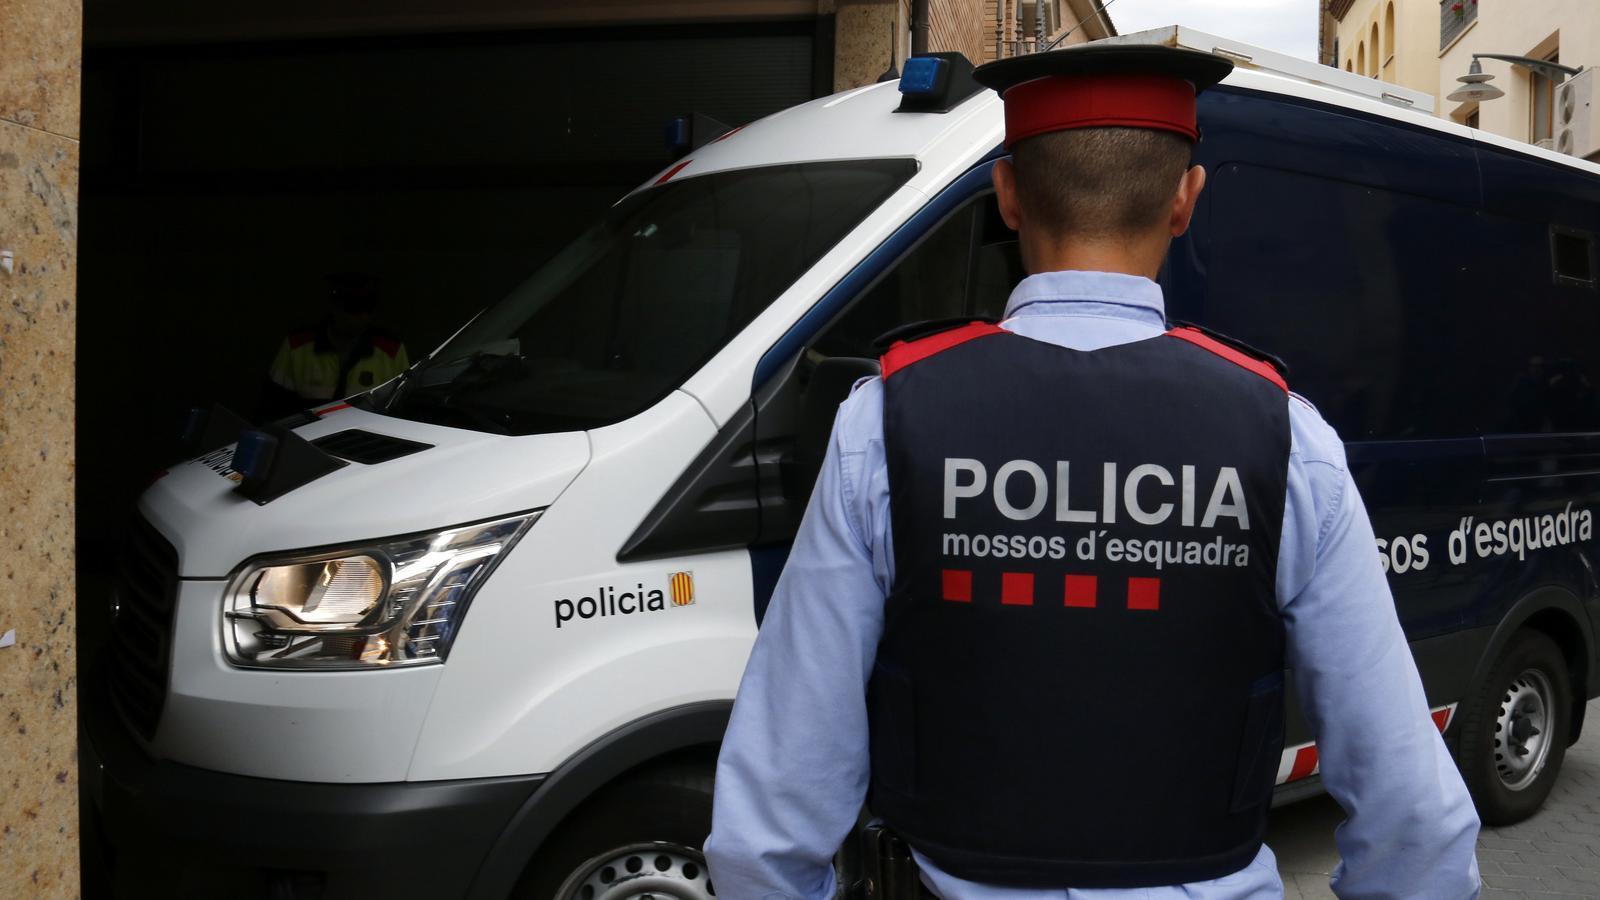 Contradiccions sobre la presència al pantà de l'acusat pel crim de Susqueda